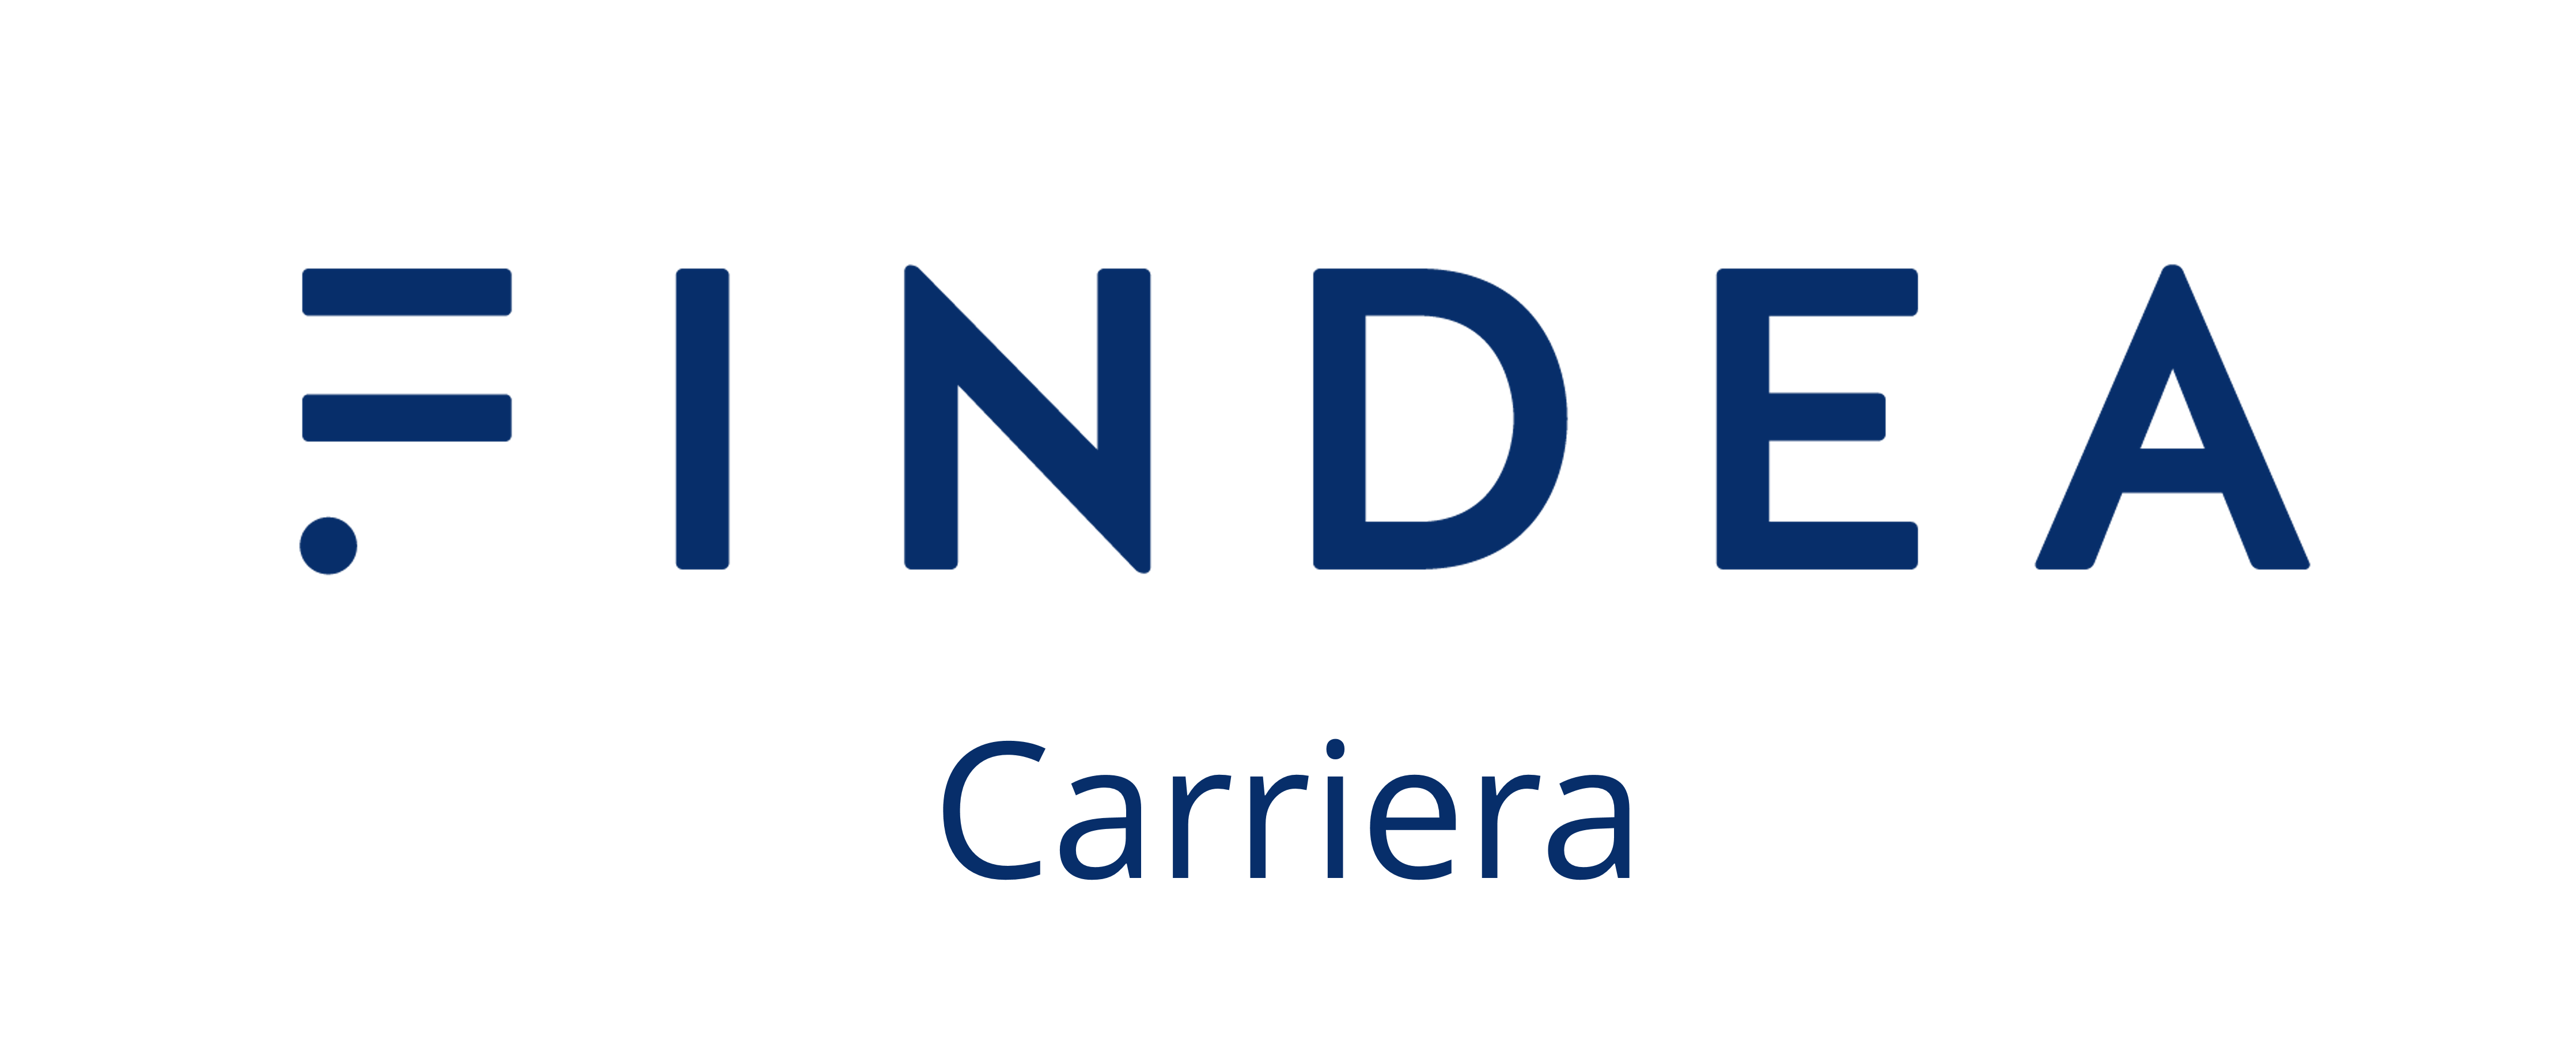 Findea Logo